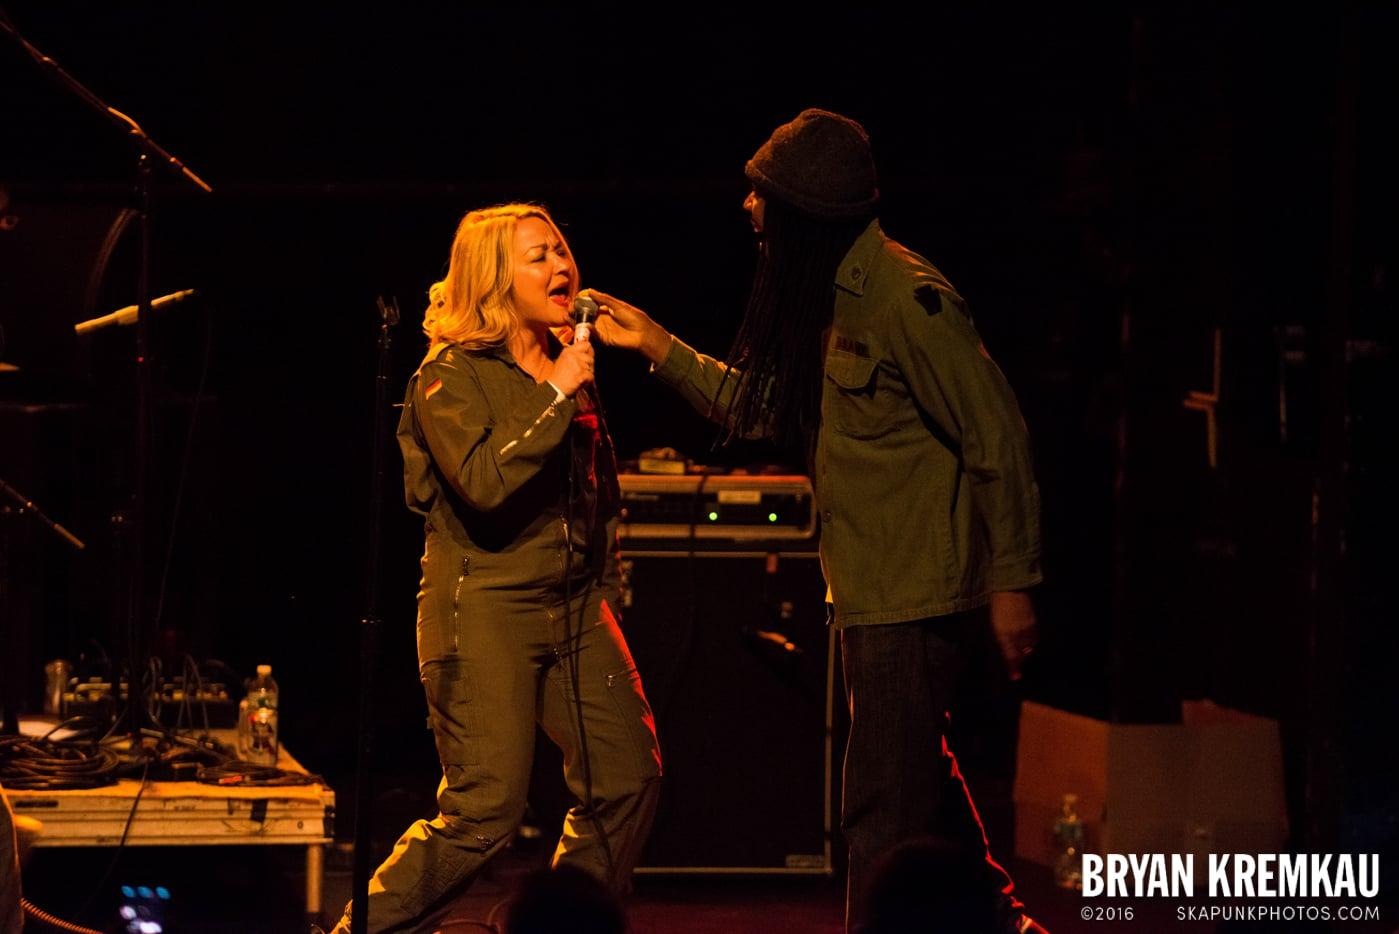 Metro Stylee @ Gramercy Theatre, NYC - 1.19.14 (2)